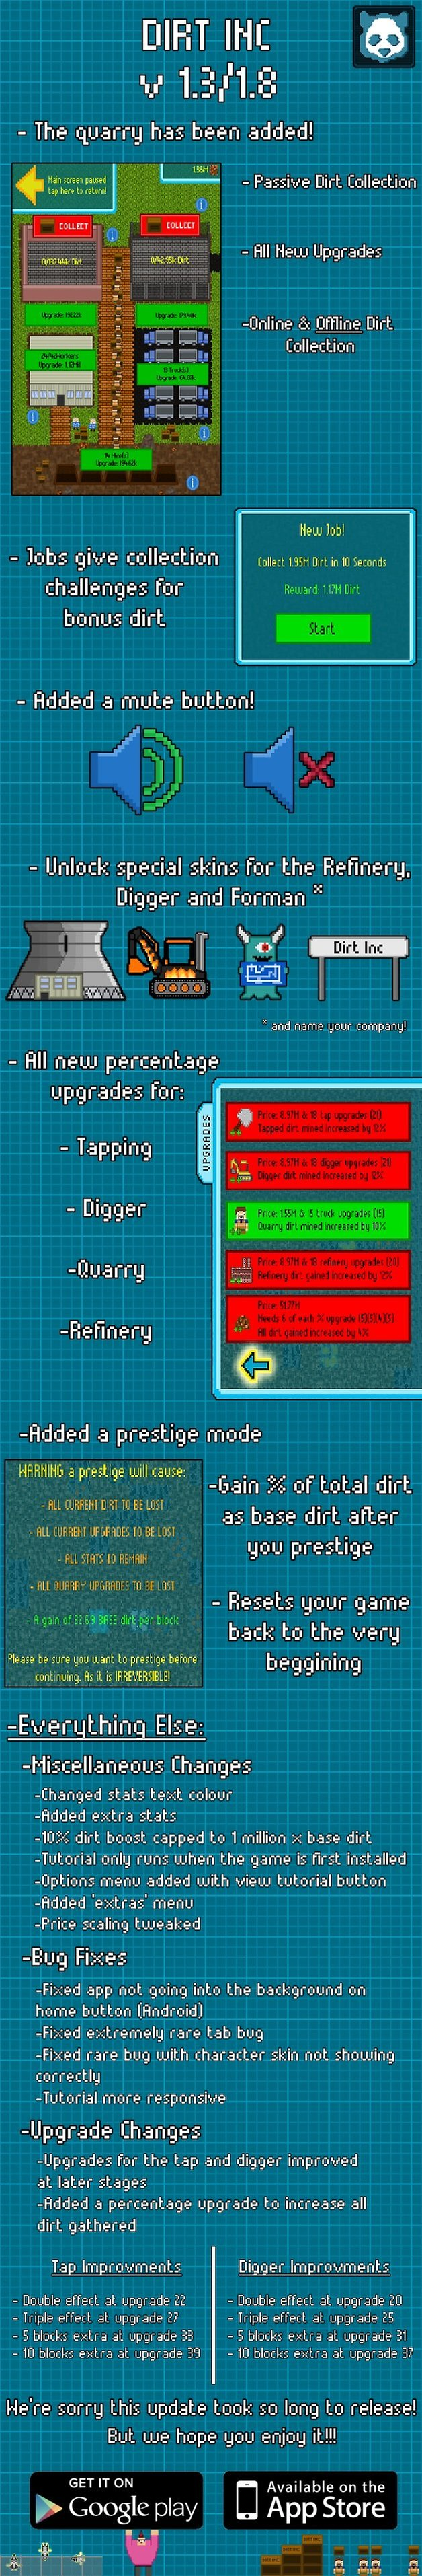 dirt inc 1 8 update